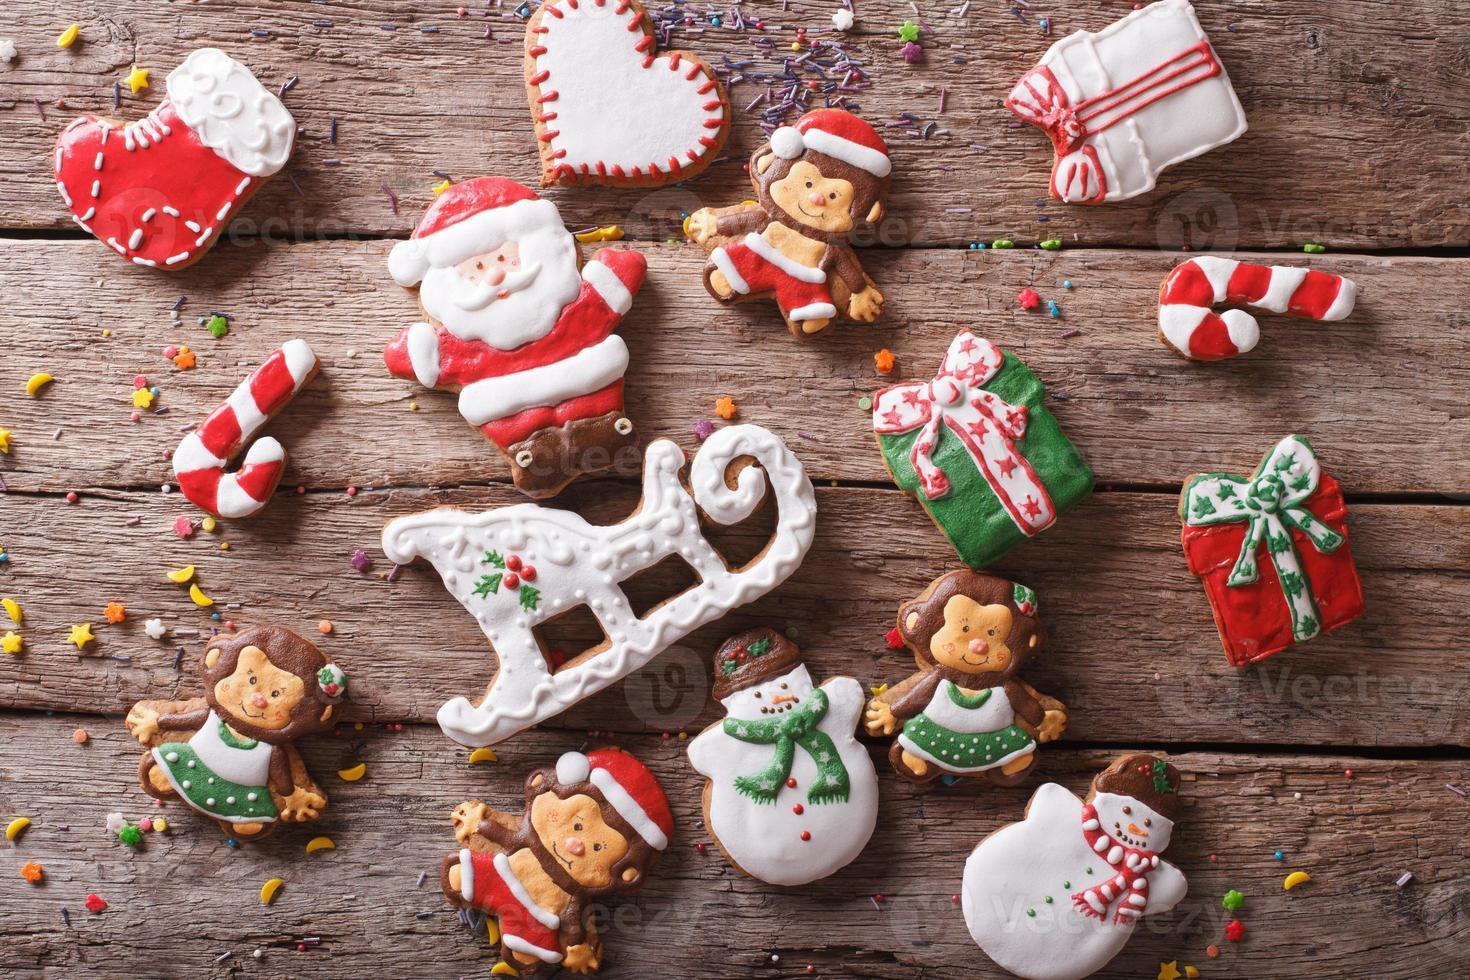 Weihnachtslebkuchenplätzchen auf einer Tischnahaufnahme. horizontal zu foto